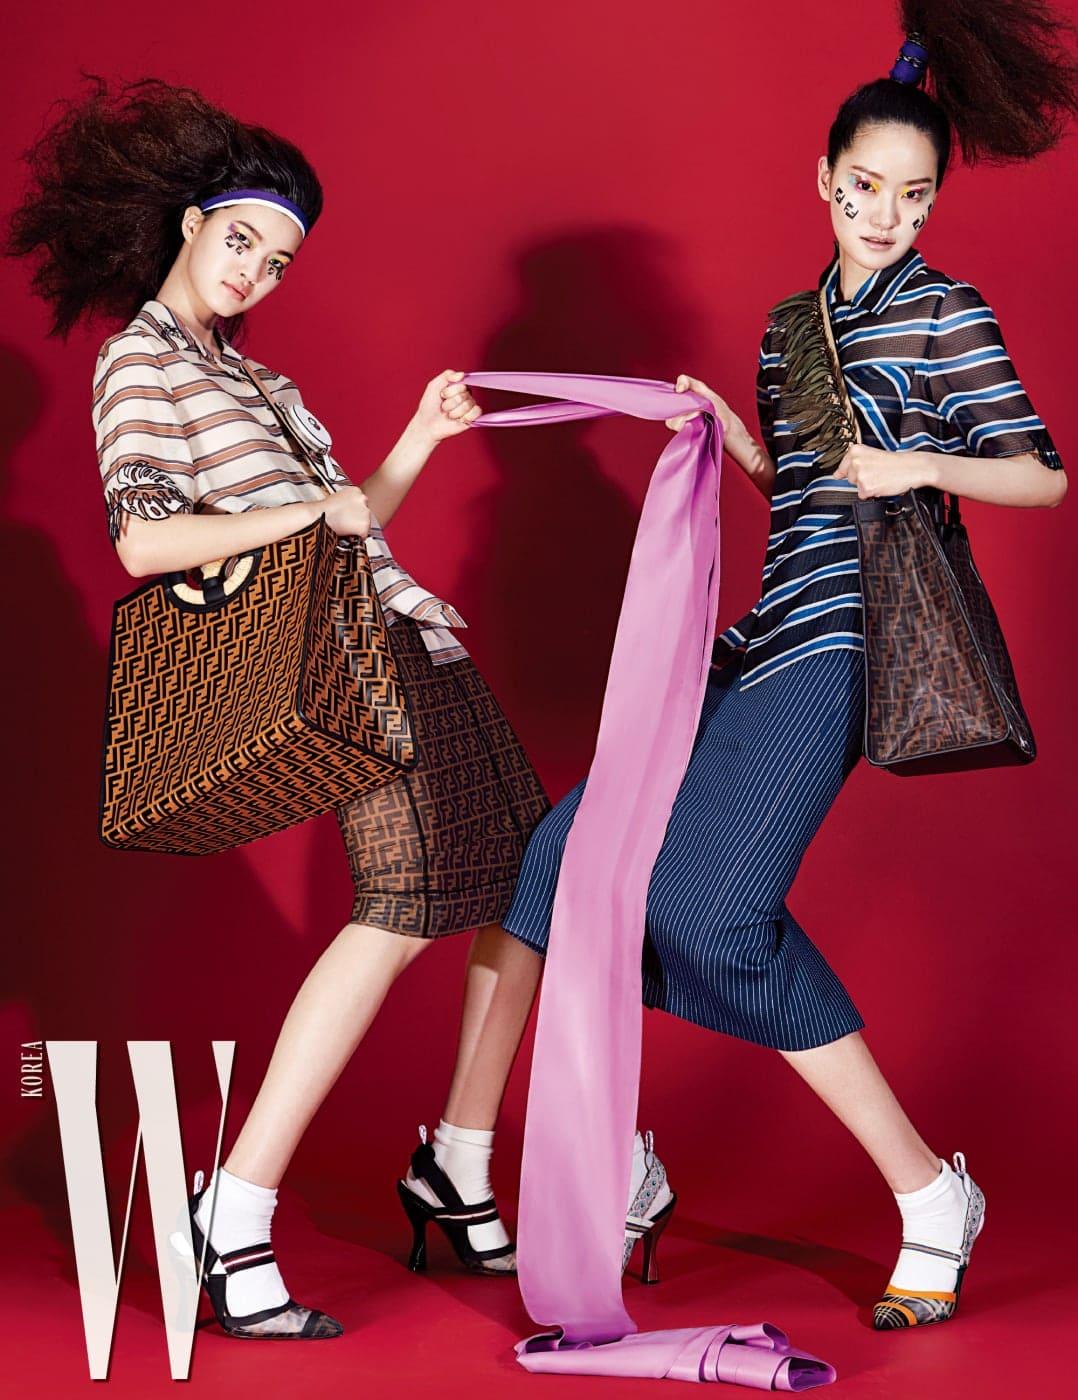 ㅣ서유진이 입은 줄무늬 장식 시스루 셔츠와 FF 로고 장식 시스루 스커트, 스포티한 특징을 차용한 슈즈, FF 로고 장식의 커다란 '런어웨이' 가방, 작은 지갑이 달린 멀티 백 스트랩, 퐁리가 착용한 파란색 줄무늬 셔츠, 줄무늬 패턴 미디스커트, 오렌지색 포인트 슈즈, 안이 비치는 FF 로고 '런어웨이' 가방과 프린지 장식 스트랩은 모두 Fendi 제품.